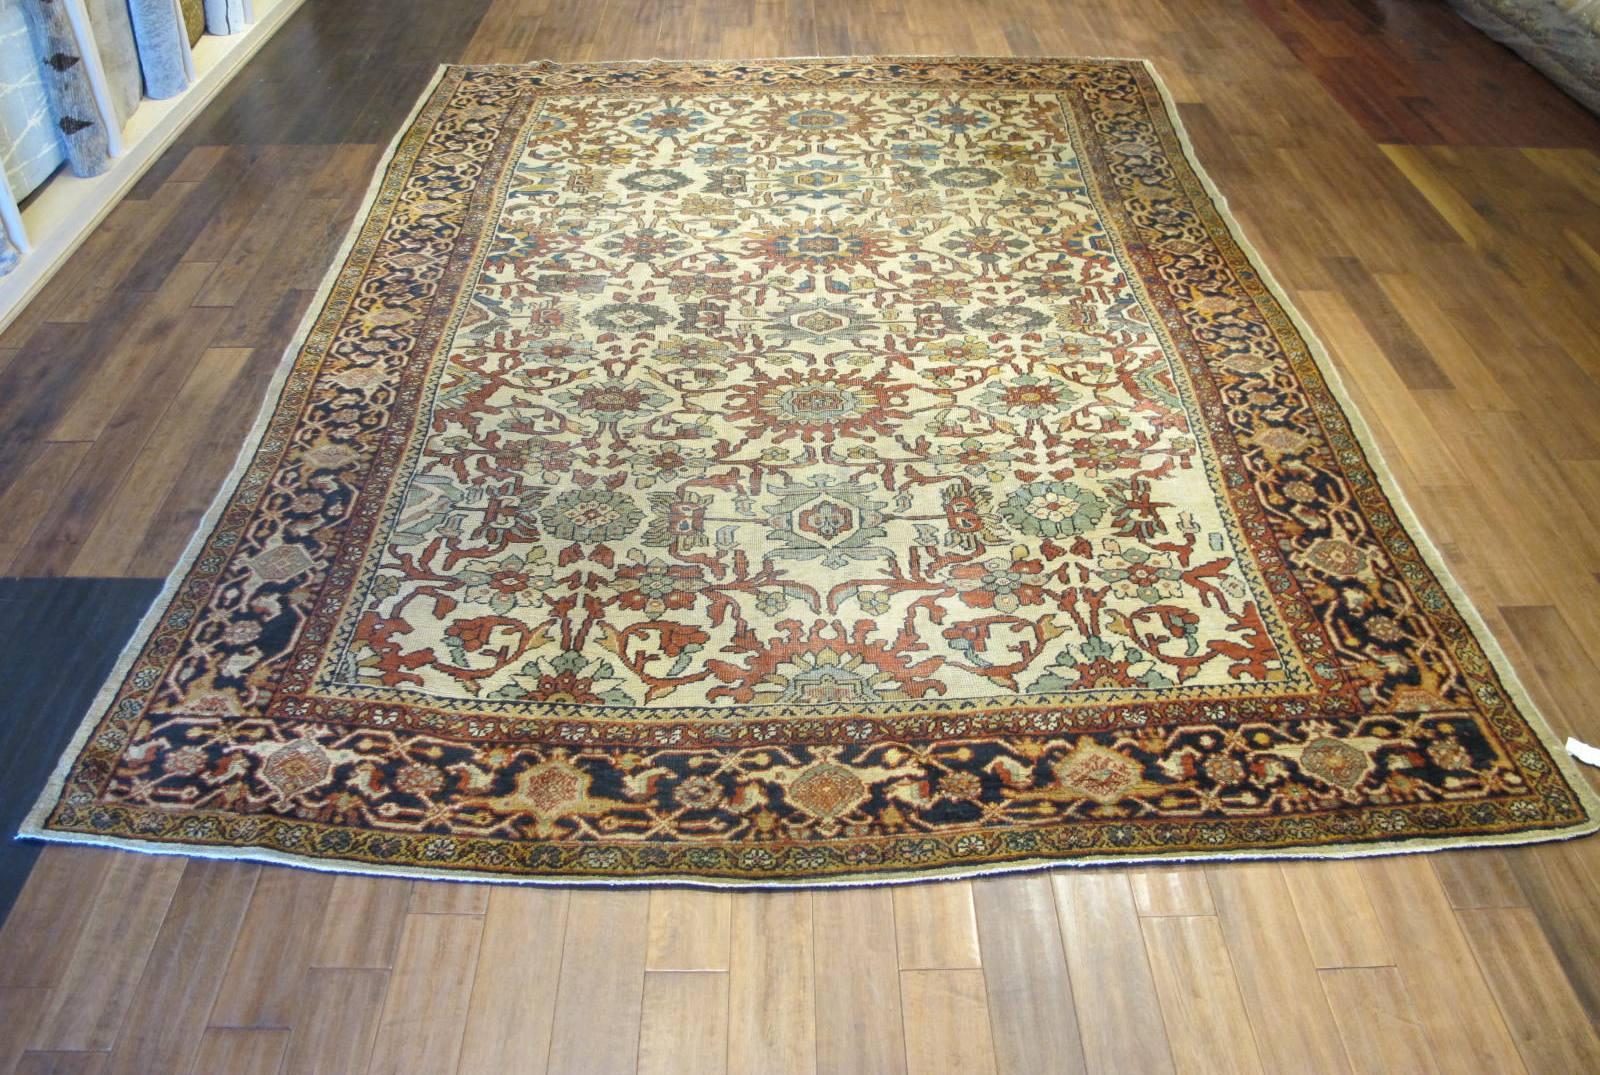 21432 antique persian mahal rug 8,9x12,4 (2)